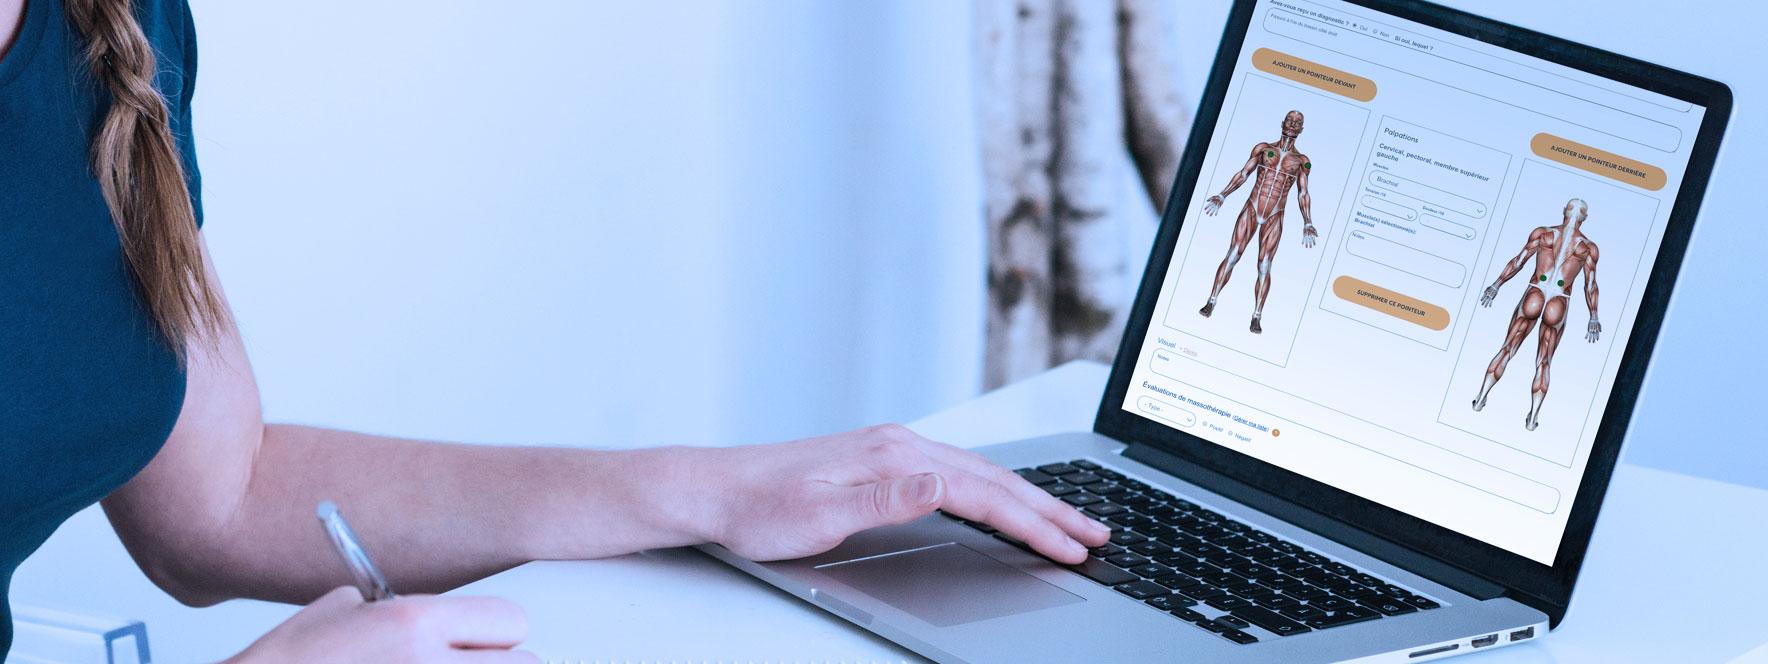 Le dossier client, un outil de travail essentiel au massothérapeute - Blogue du Réseau